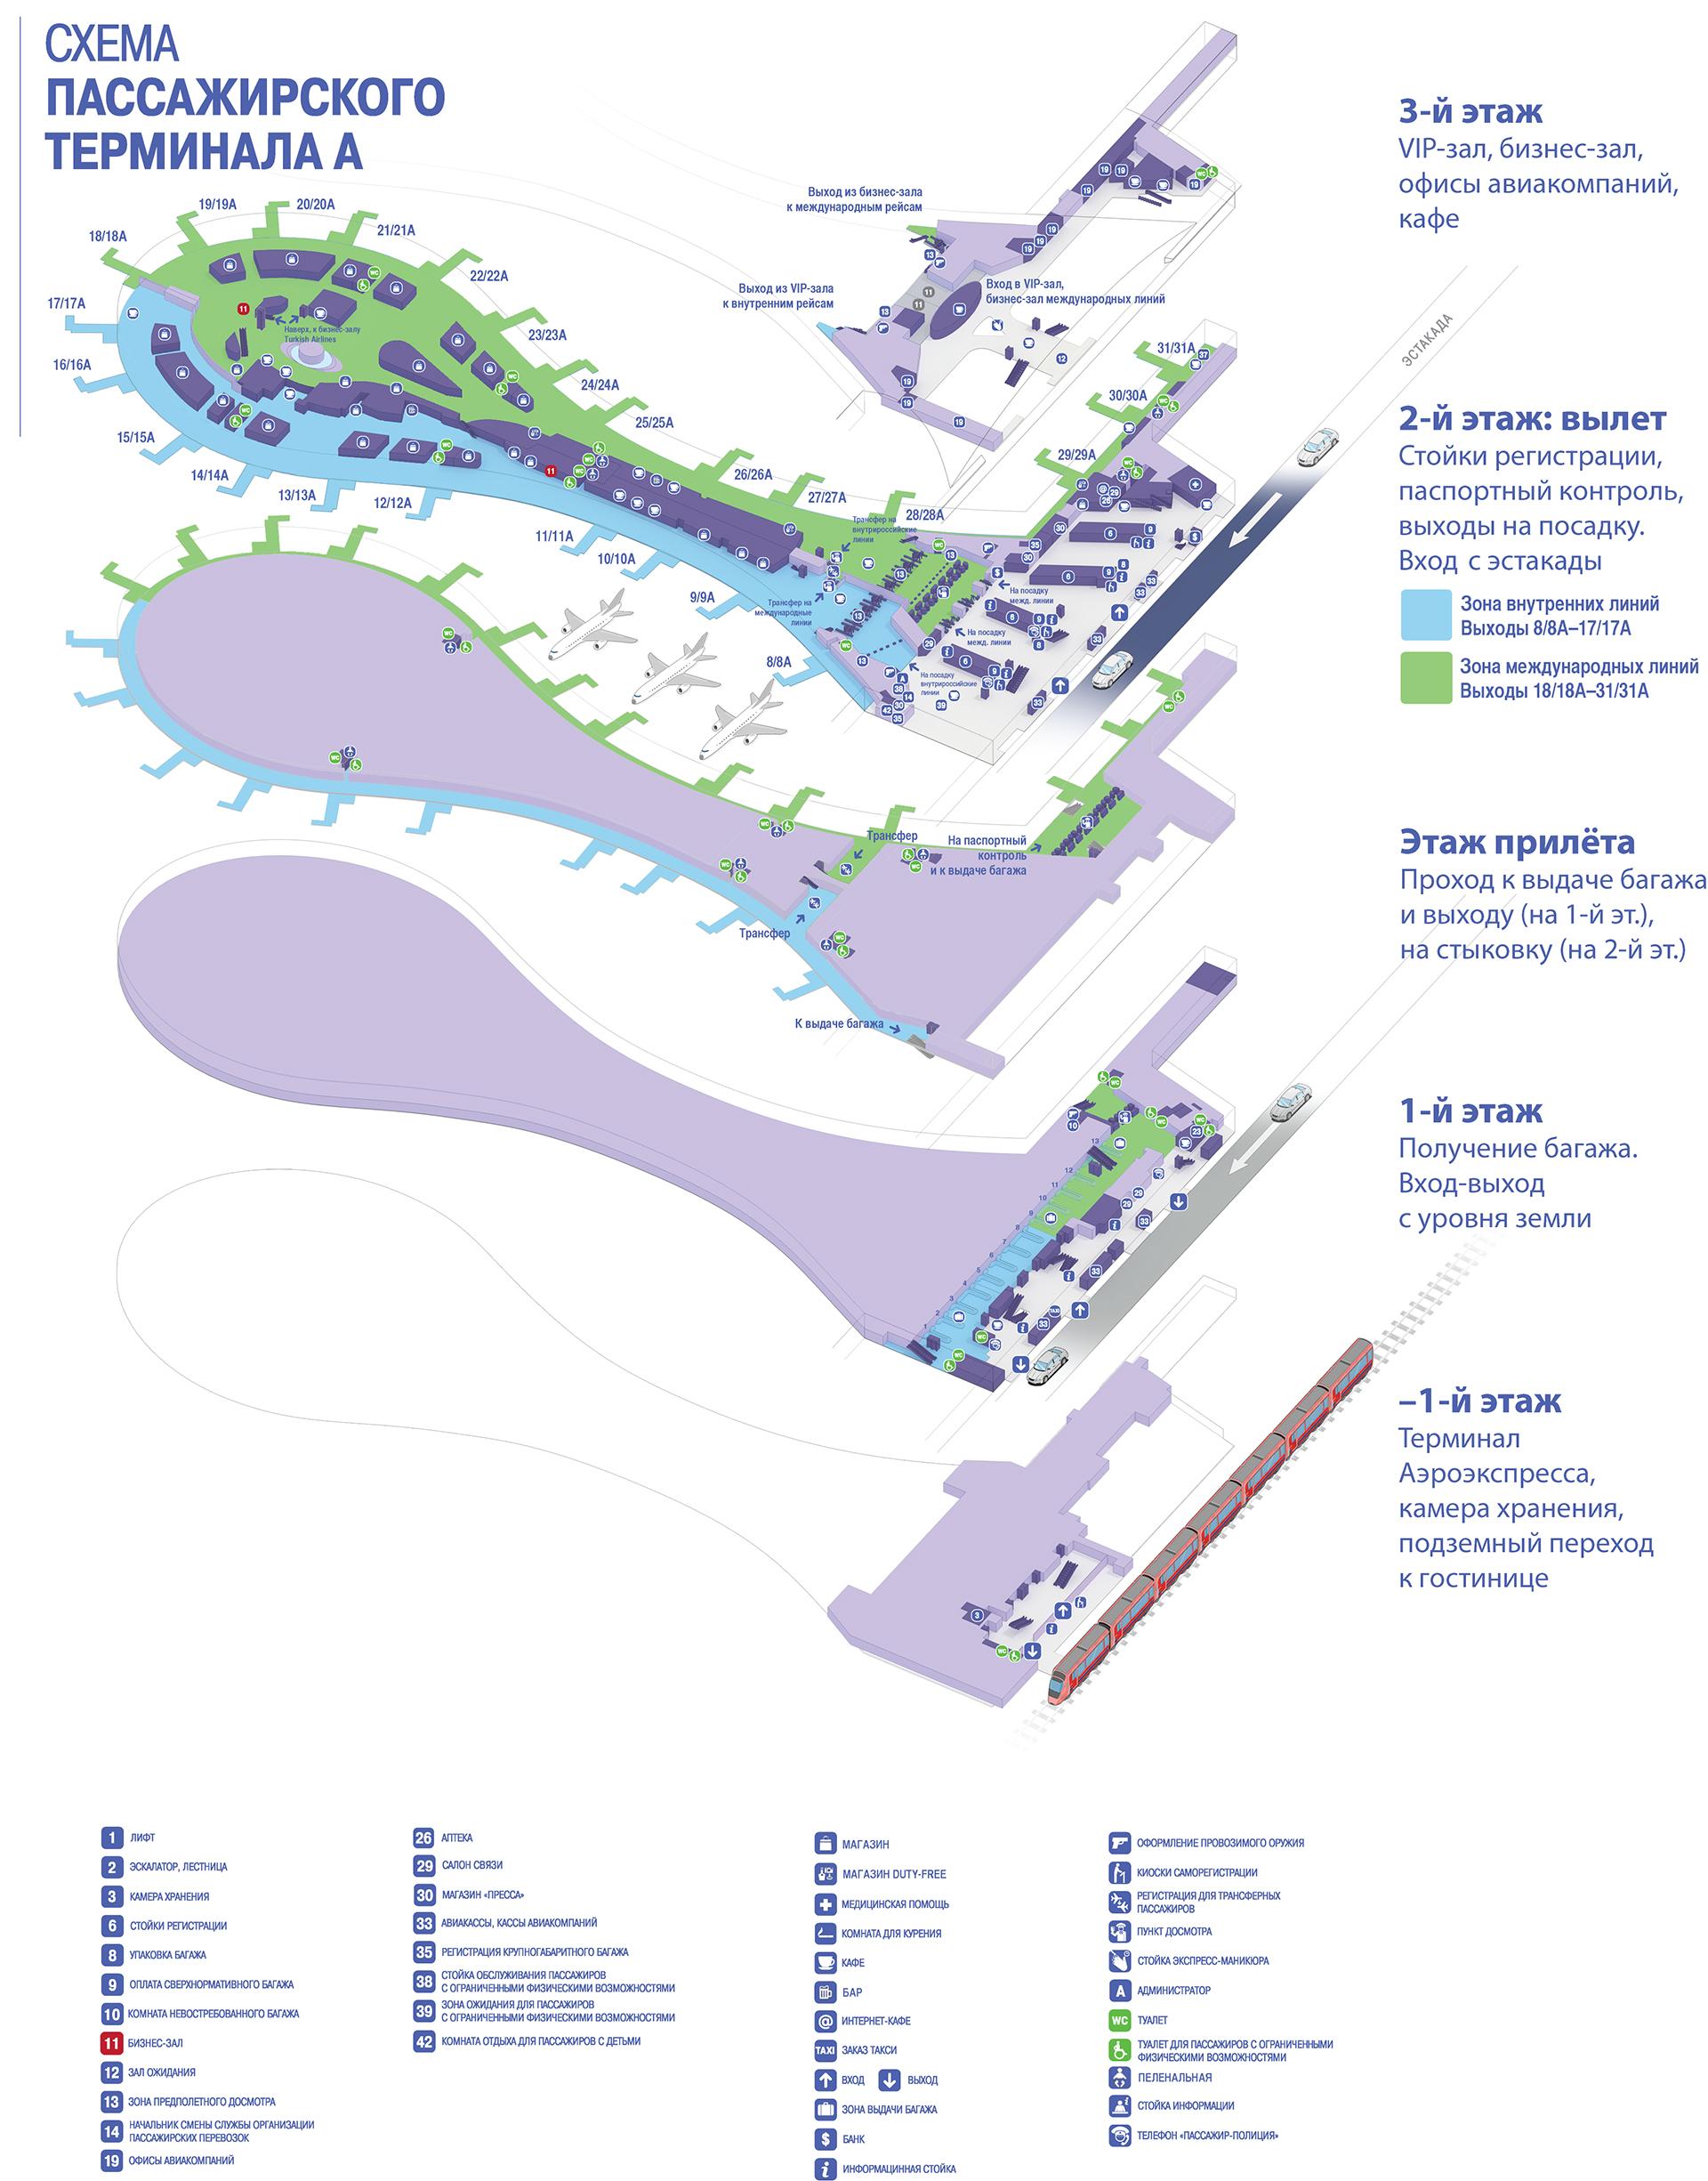 Схема терминал А Внуково